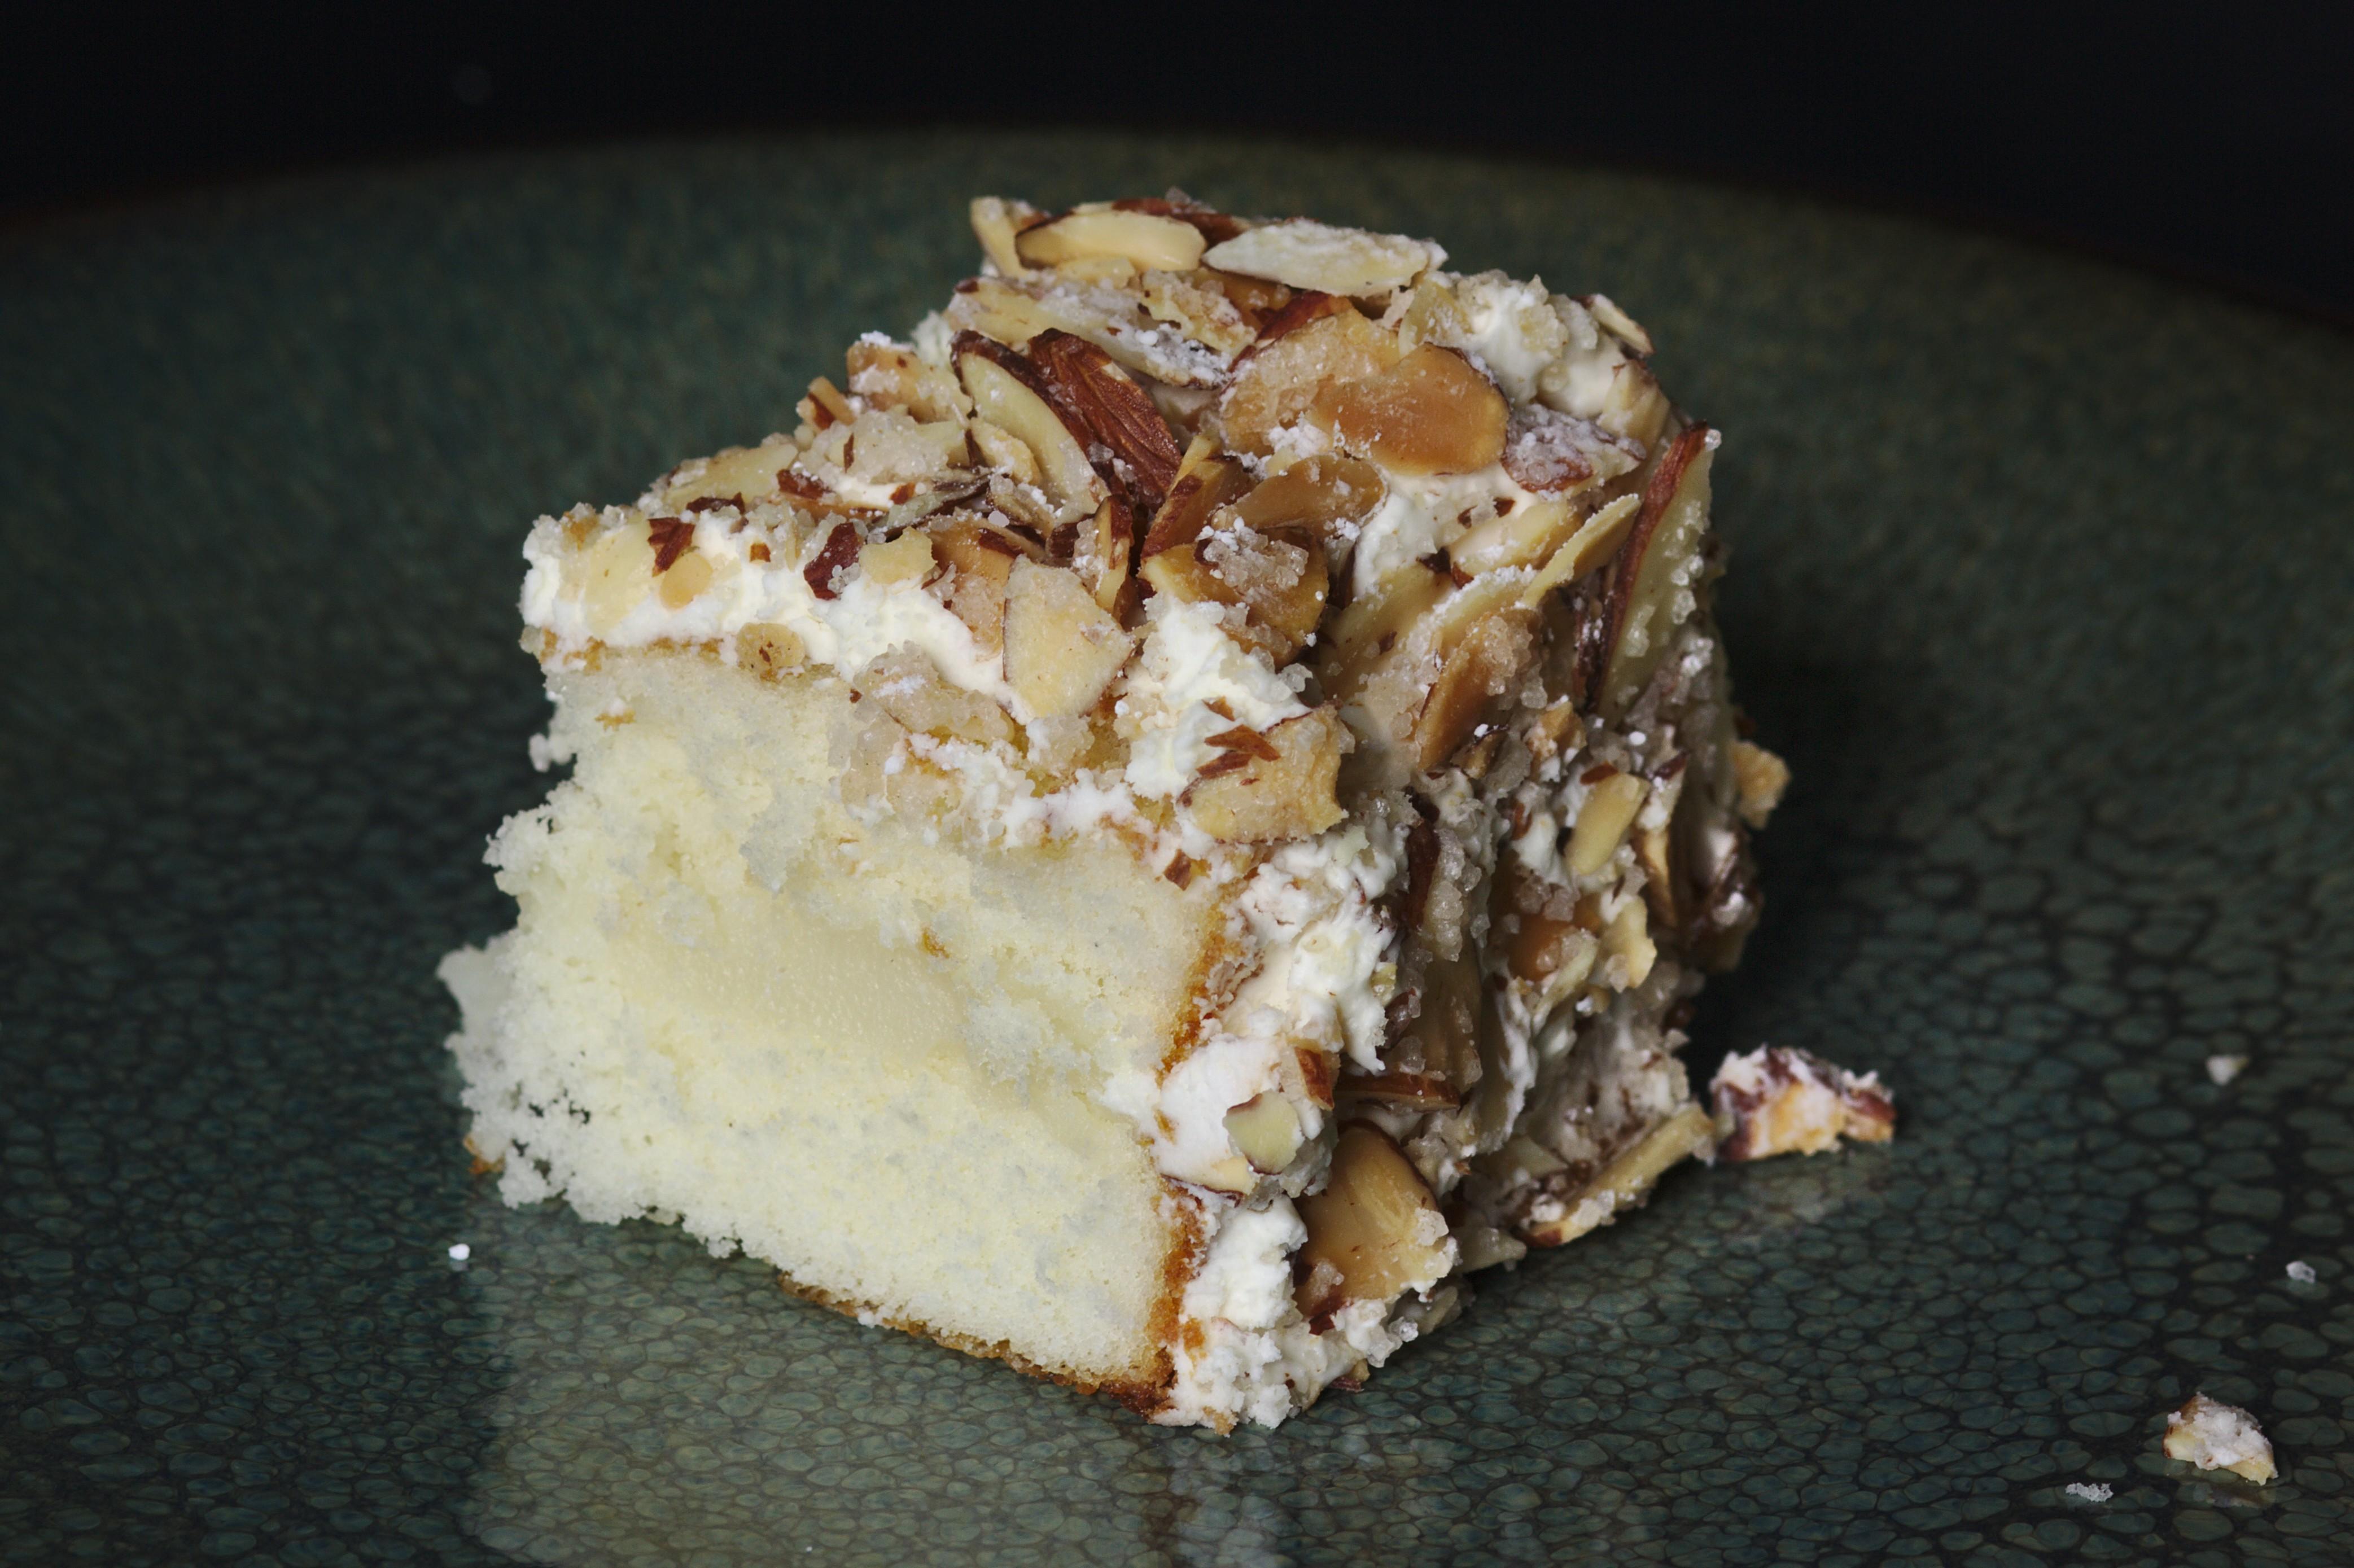 Description A slice of Burnt Almond Torte from Prantl's Bakery 2.jpg